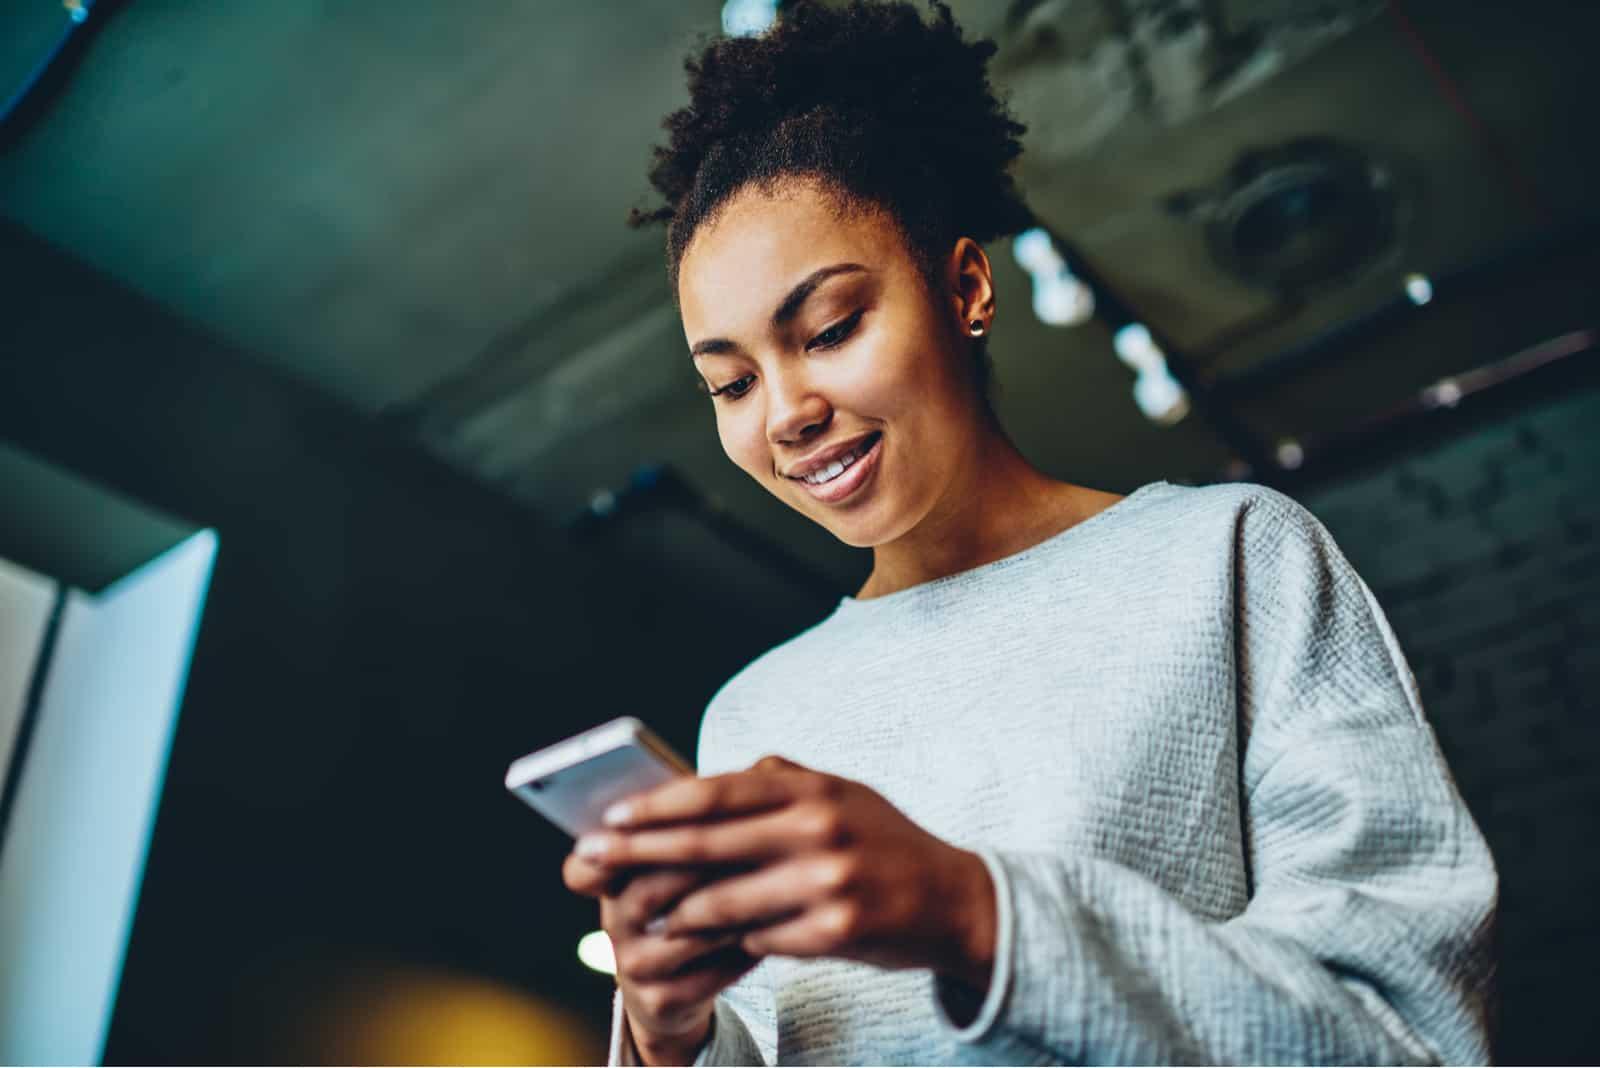 femme souriante tout en utilisant son téléphone